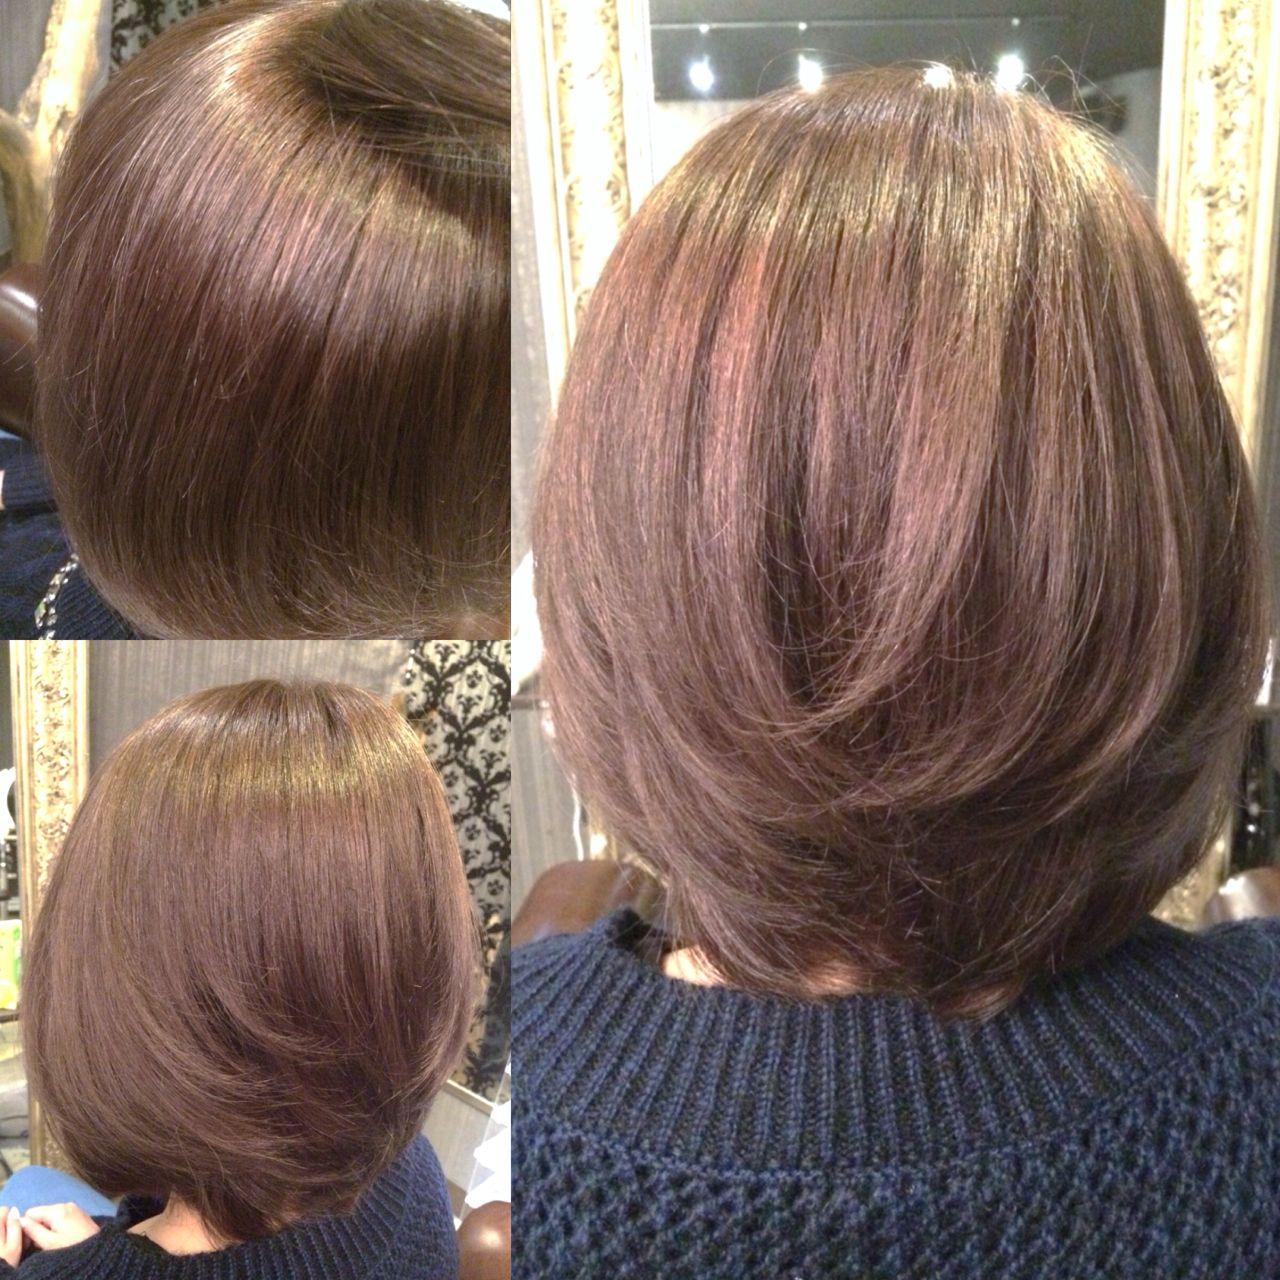 外国人風 暗髪 ロング 黒髪 ヘアスタイルや髪型の写真・画像